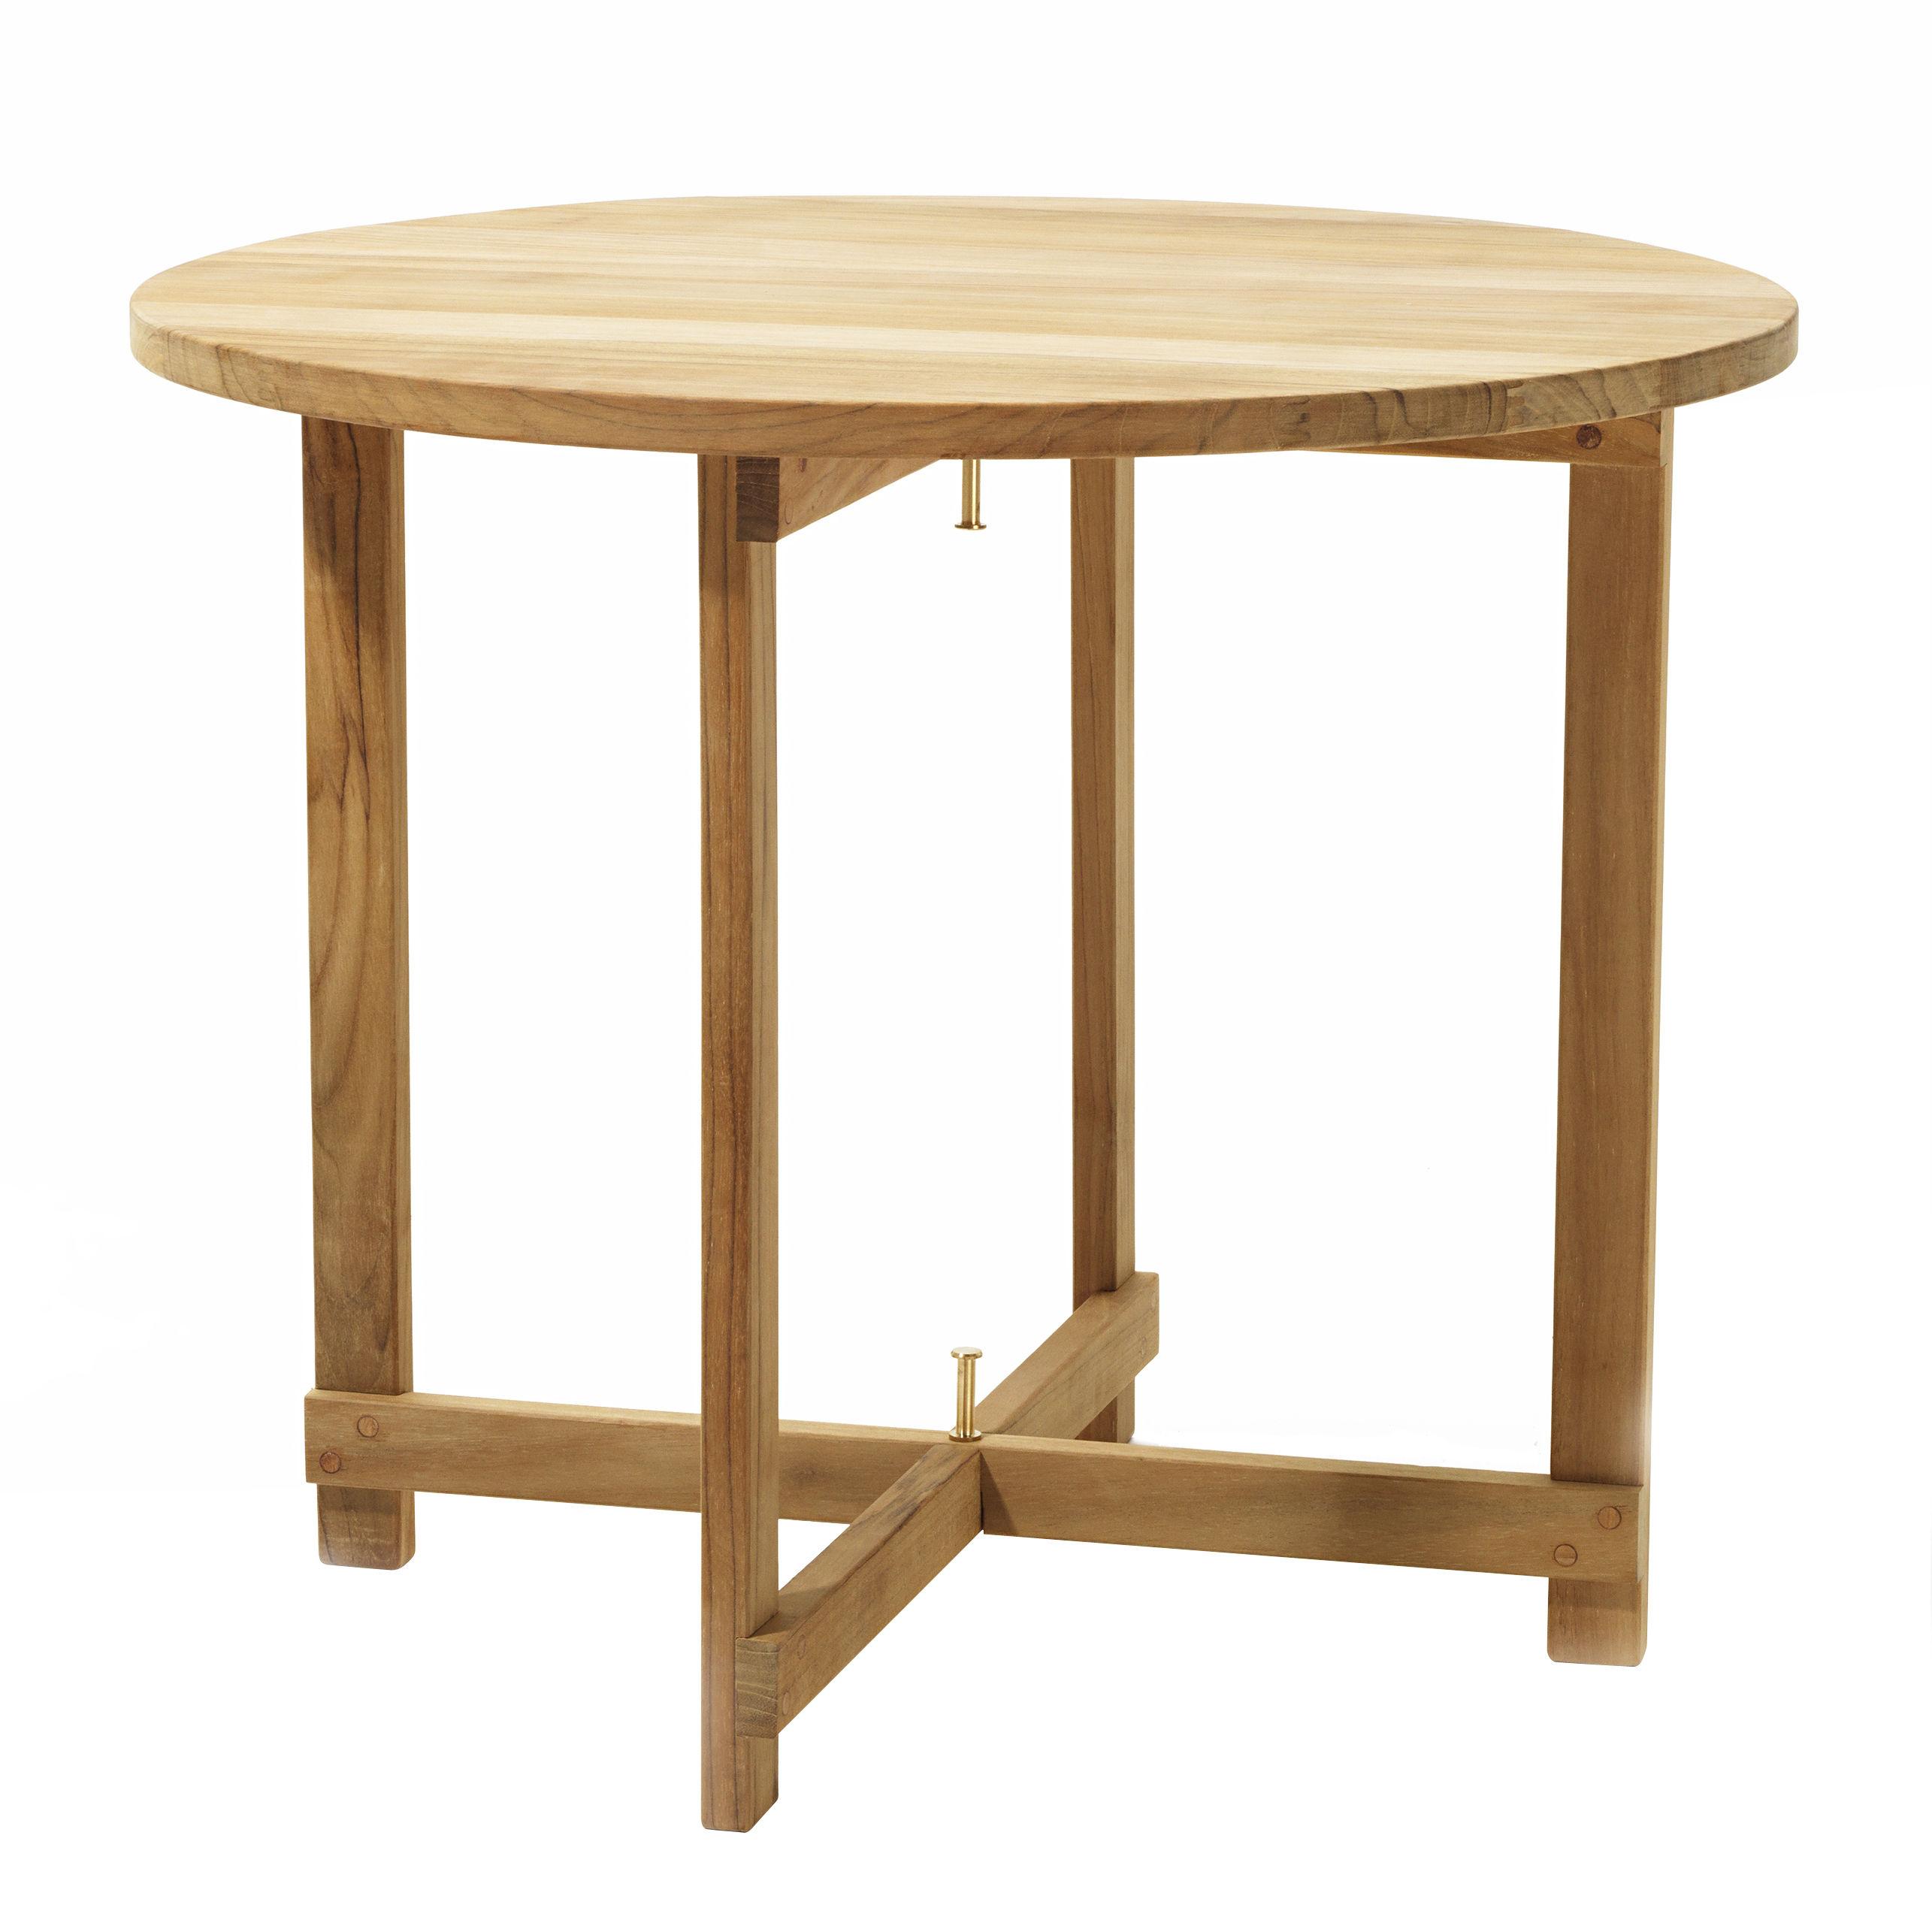 Table basse kryss pliante 60 x h 50 cm teck skargaarden - Table pliante 120 x 60 ...